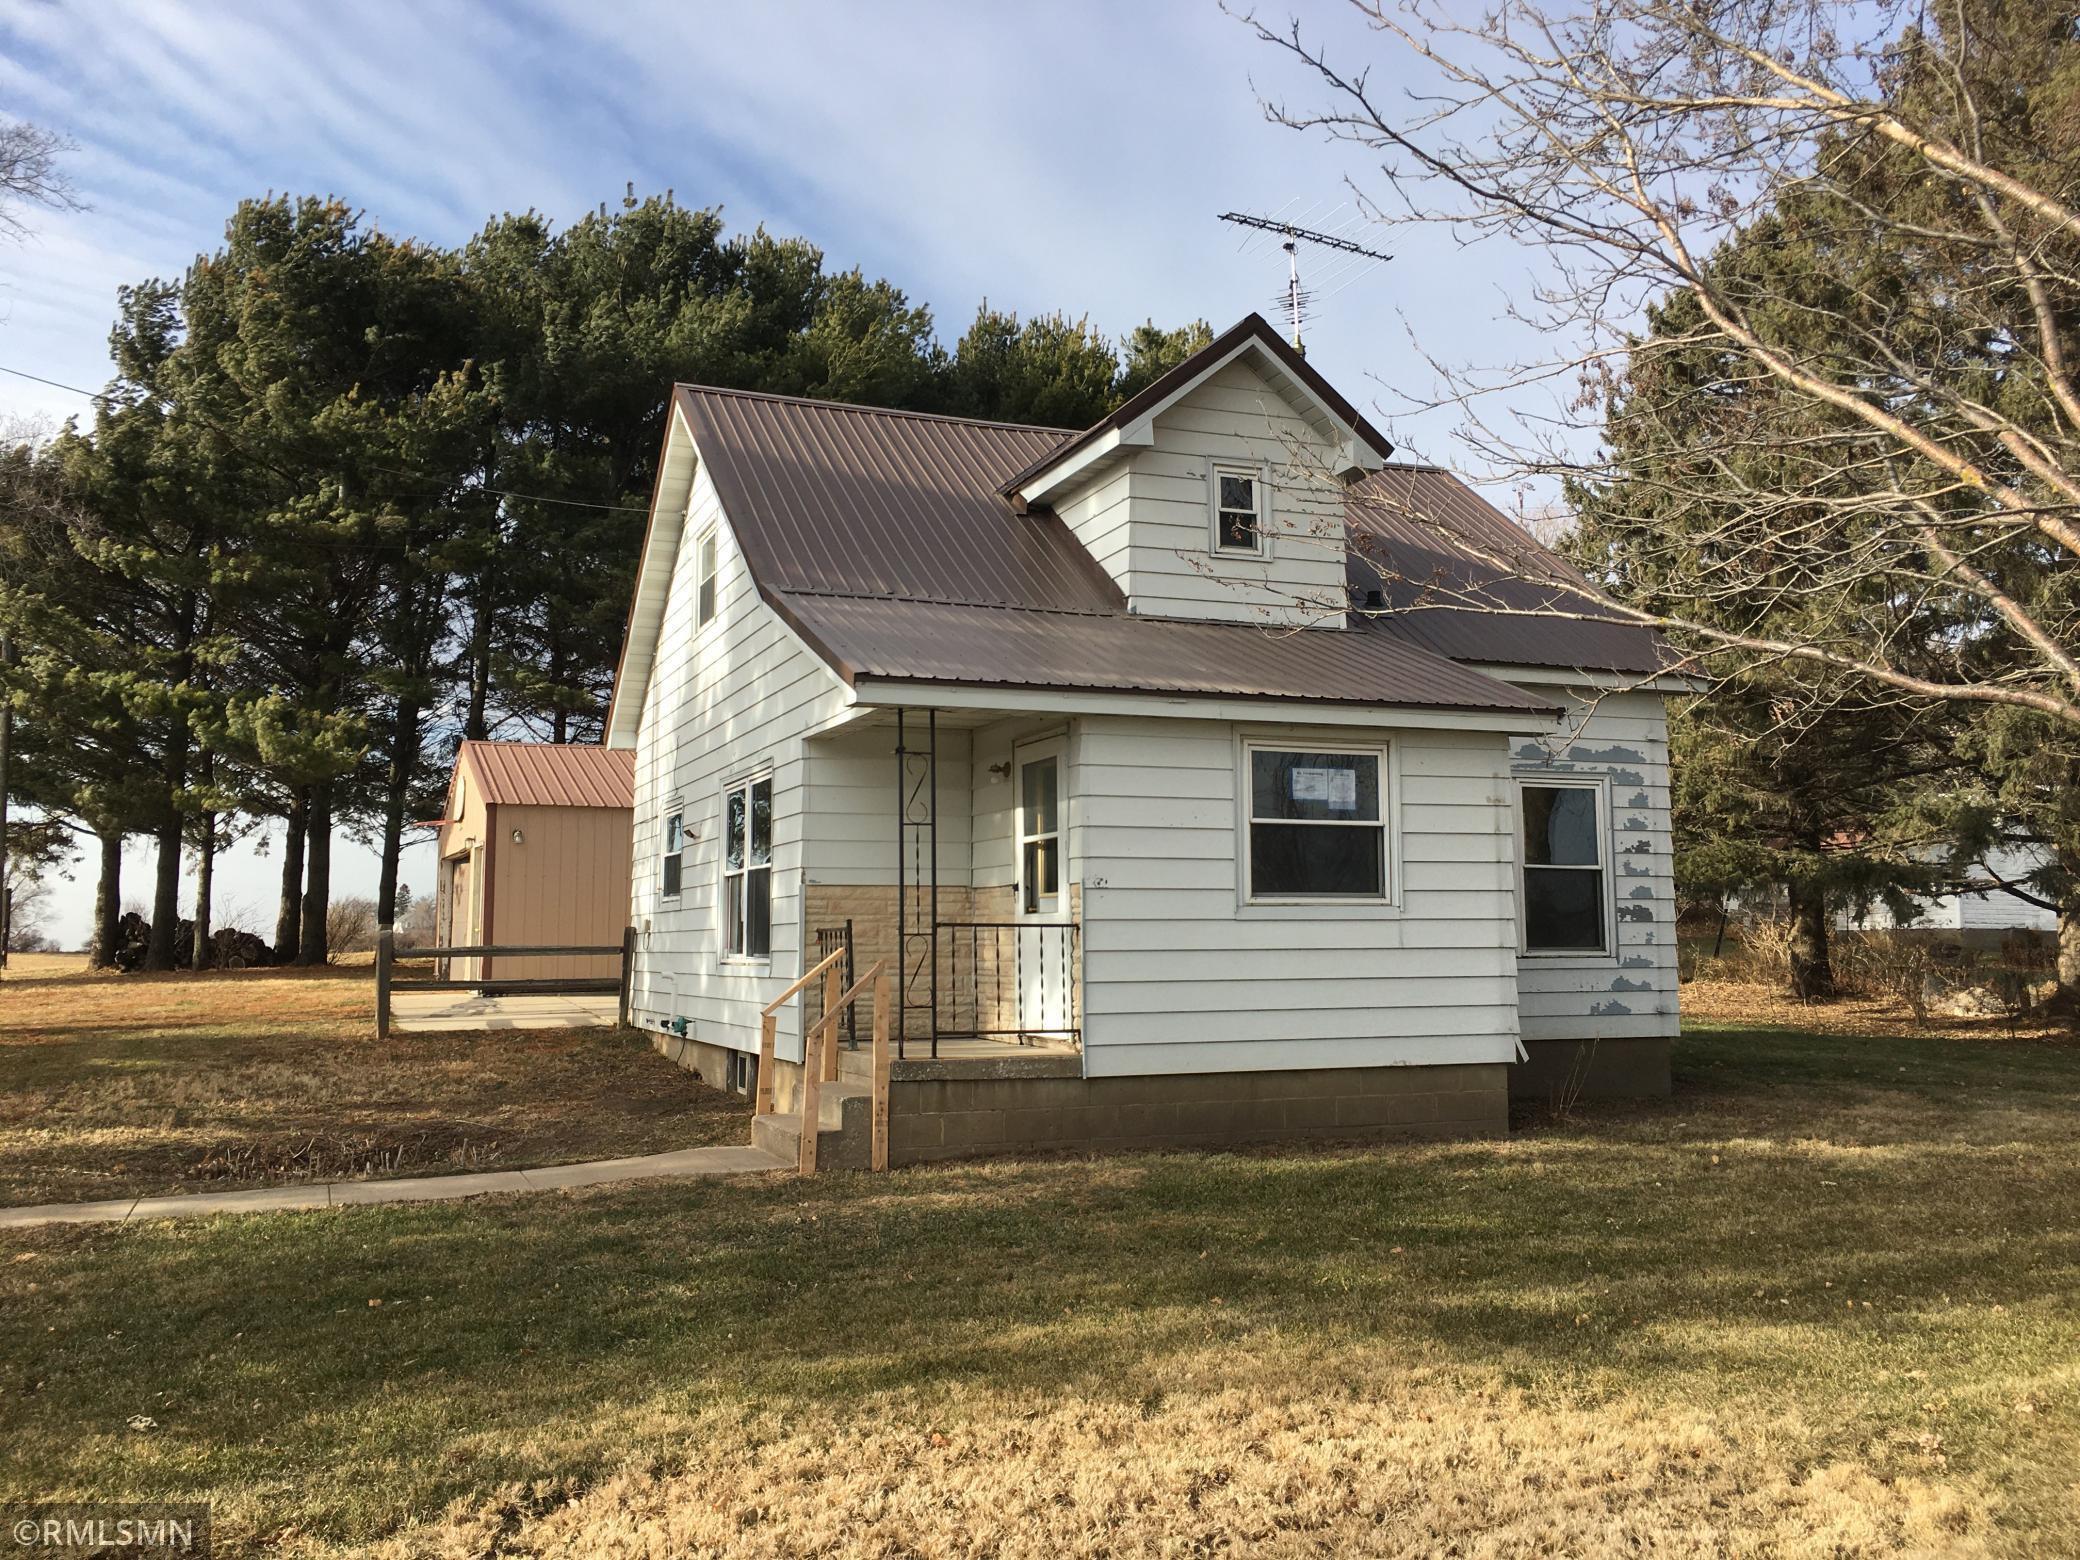 15317 County 9, Preston, MN 55965